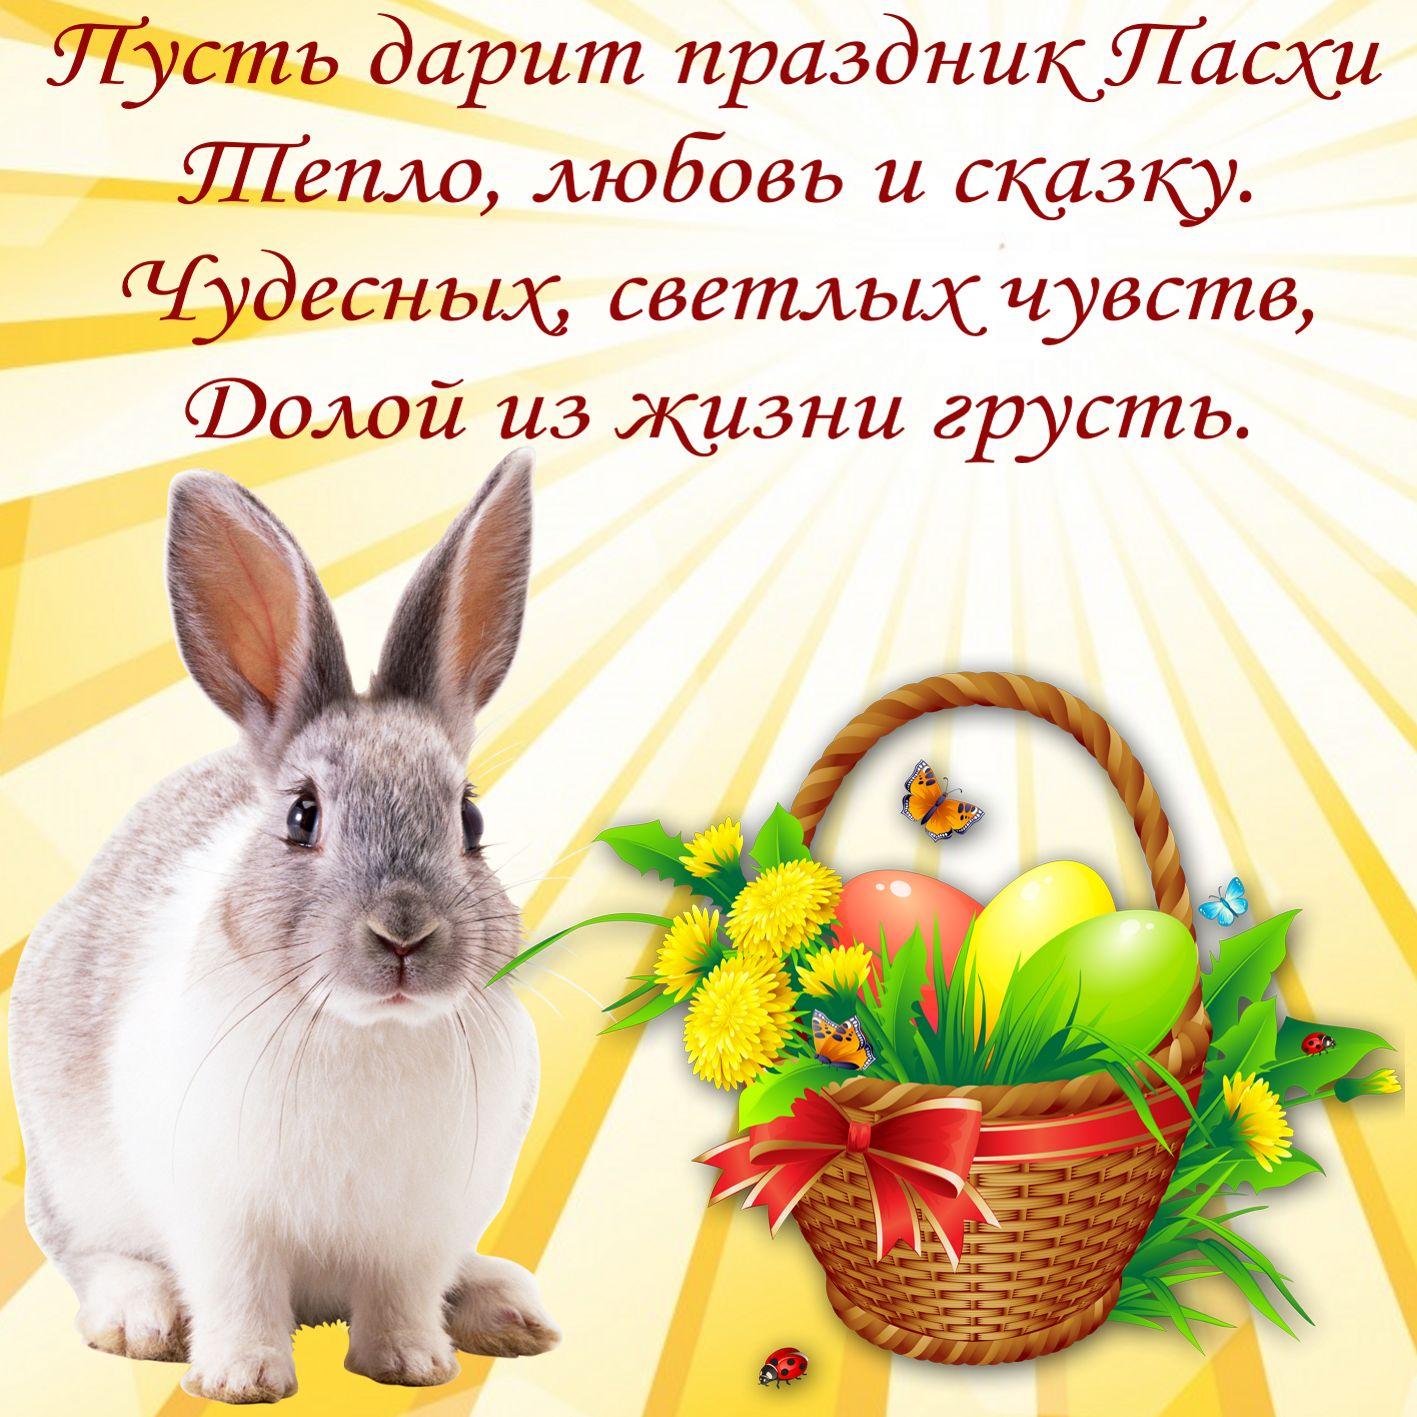 Милый кролик и пожелание на Пасху